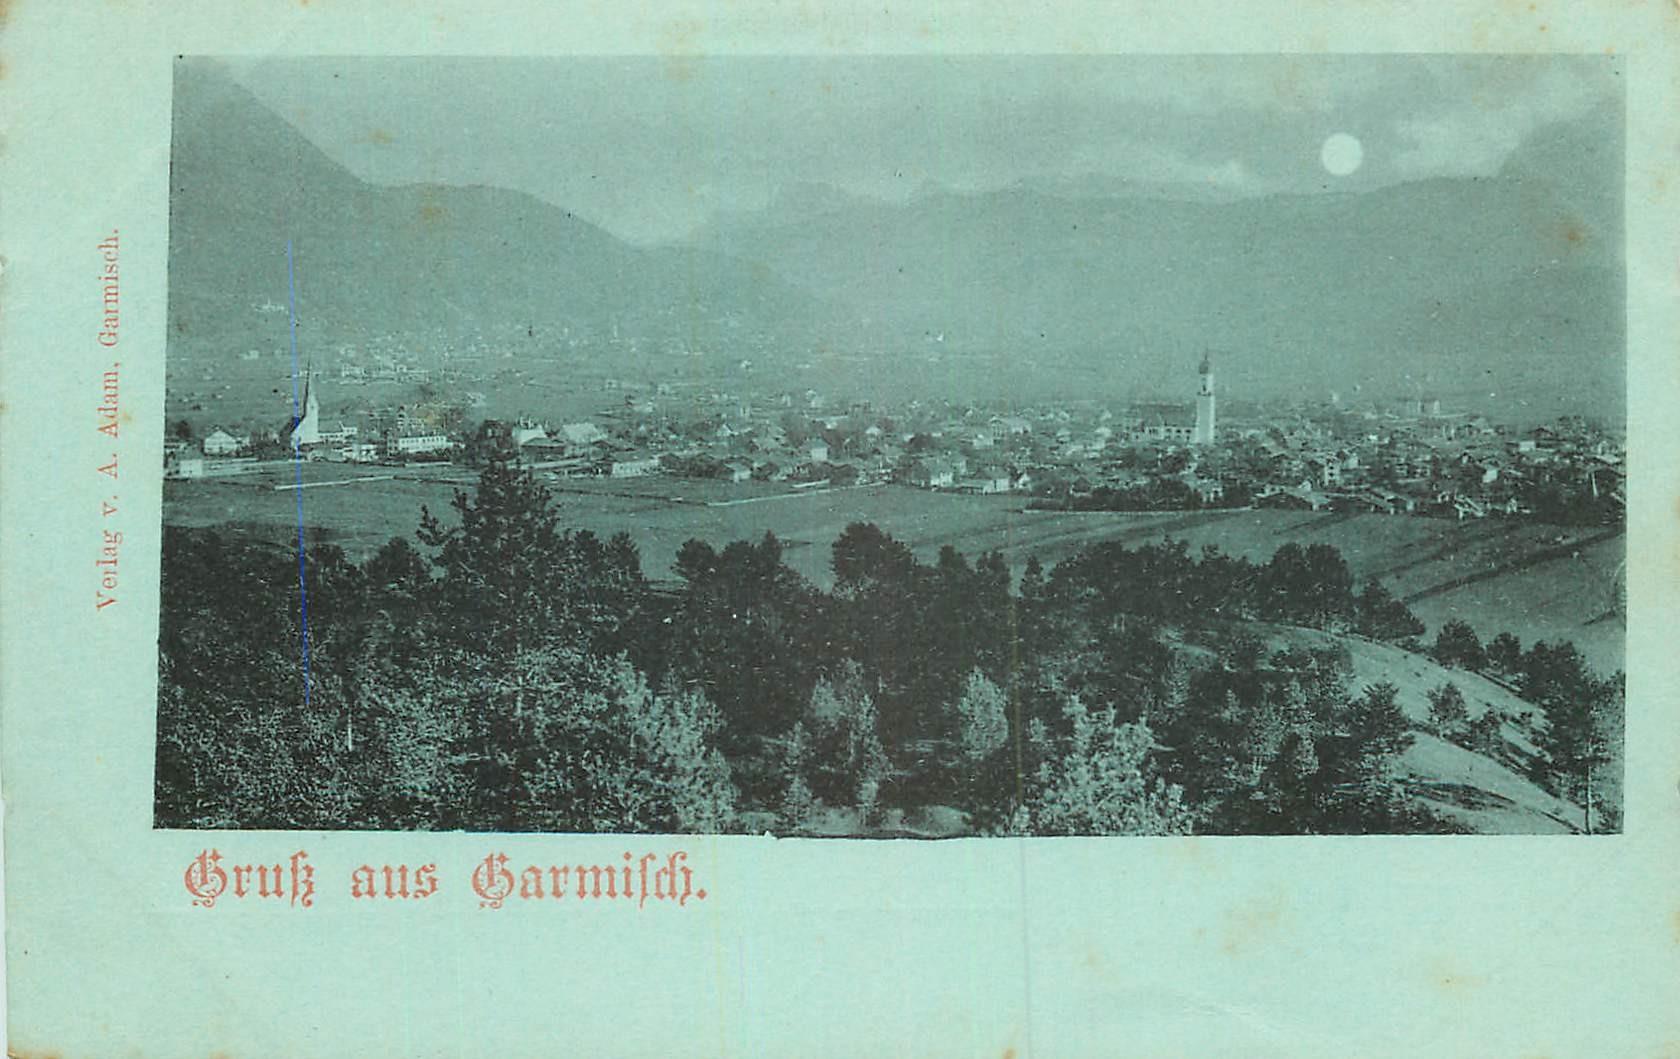 WW ALLEMAGNE. Gruss aus Garmisch vers 1900